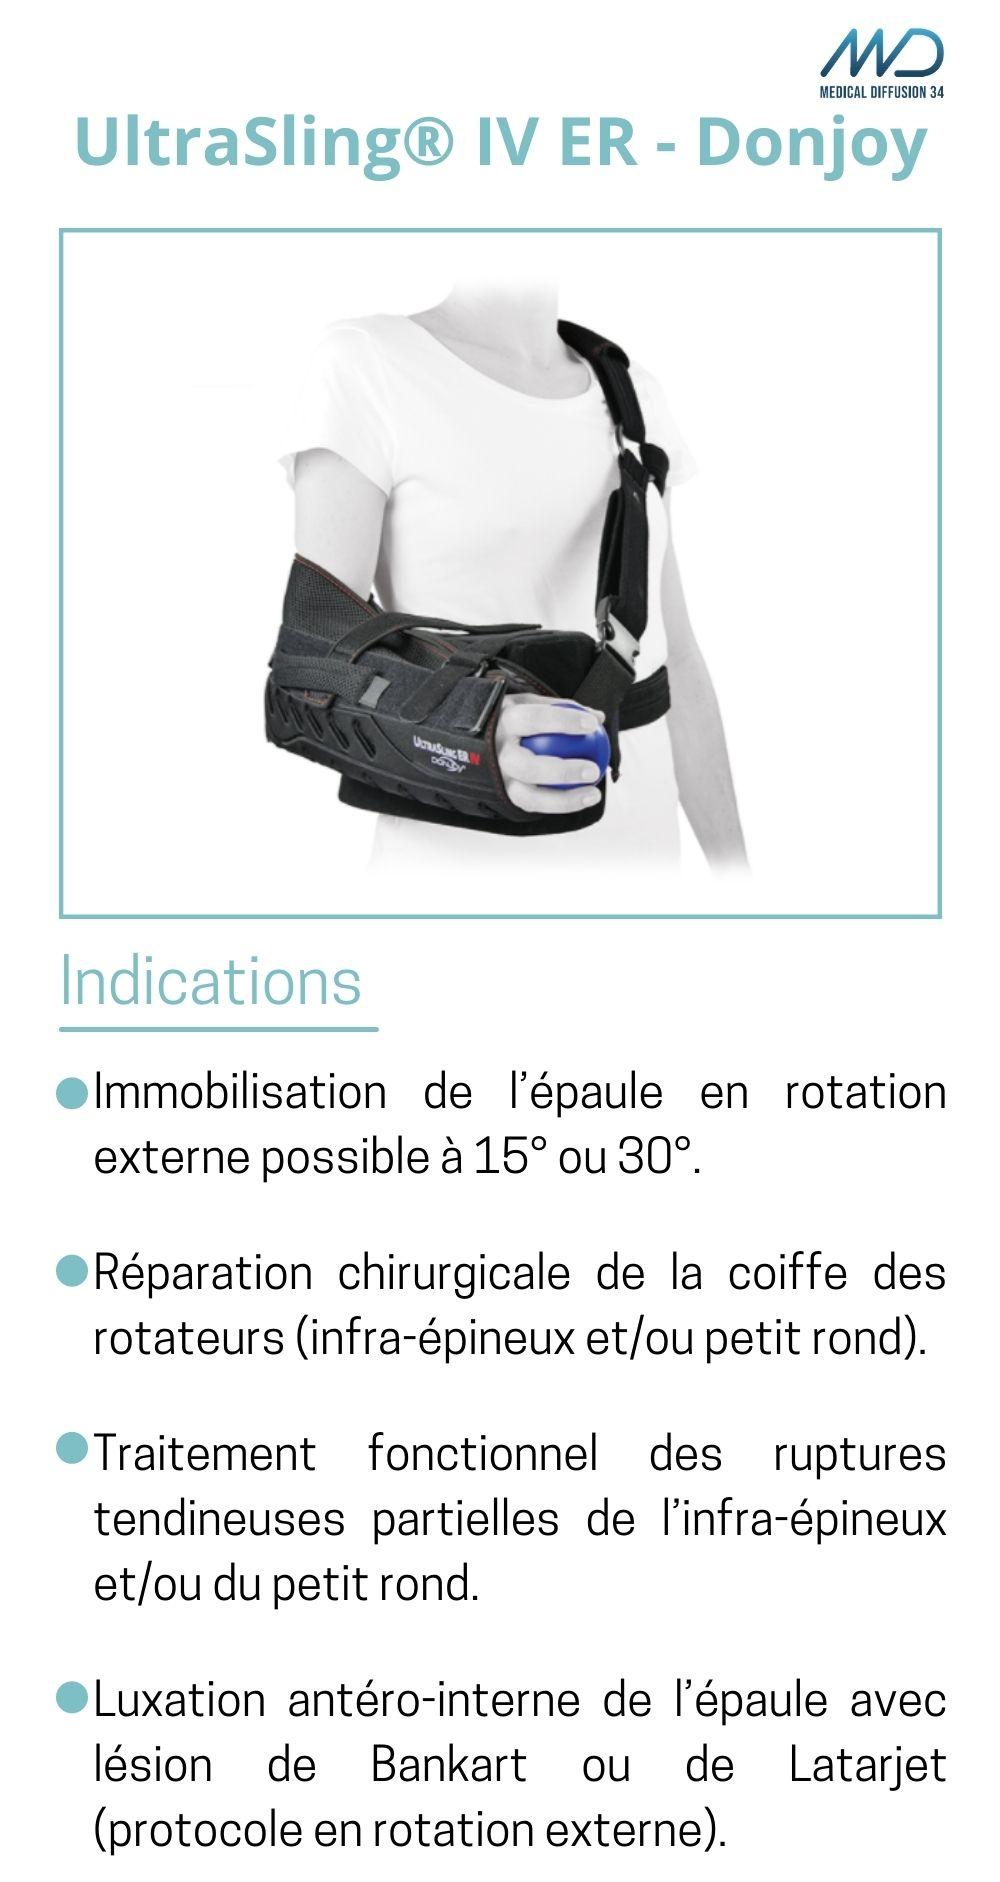 UltraSling IV ER - Donjoy - Orthèse d'épaule - espace md santé